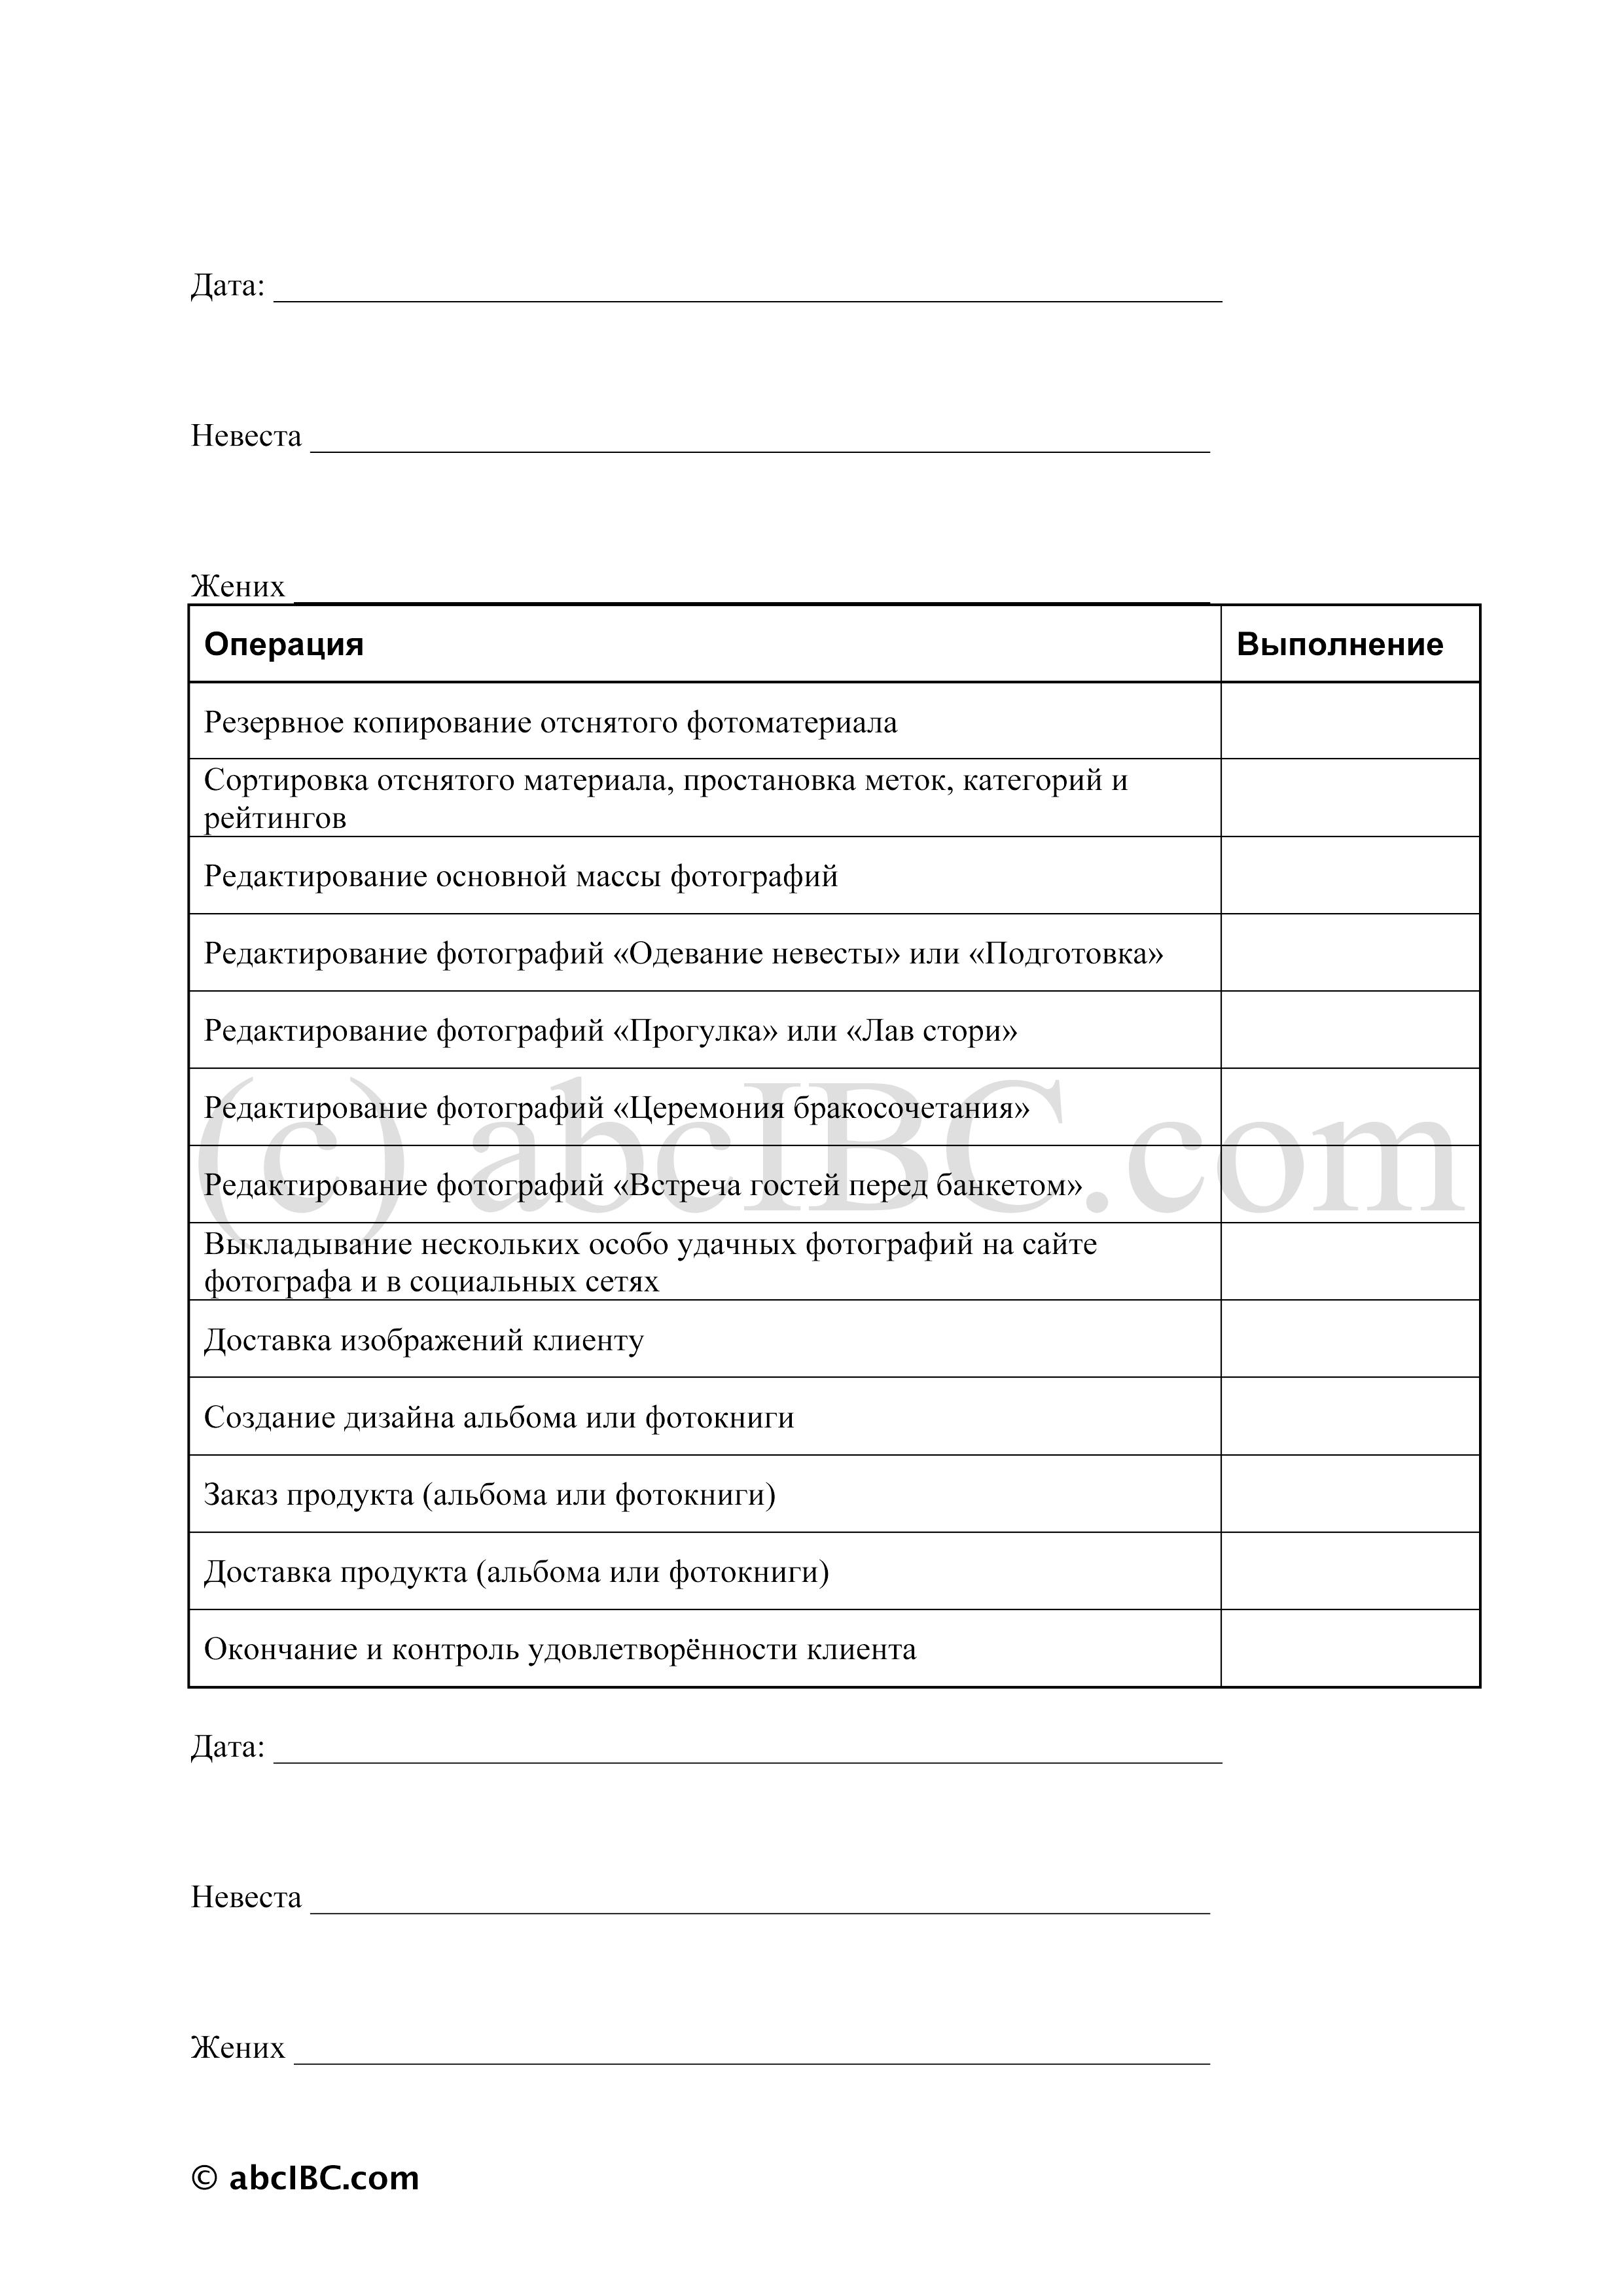 Контрольный лист рабочего потока workflow checklist на портале  Контрольный лист рабочего потока workflow checklist